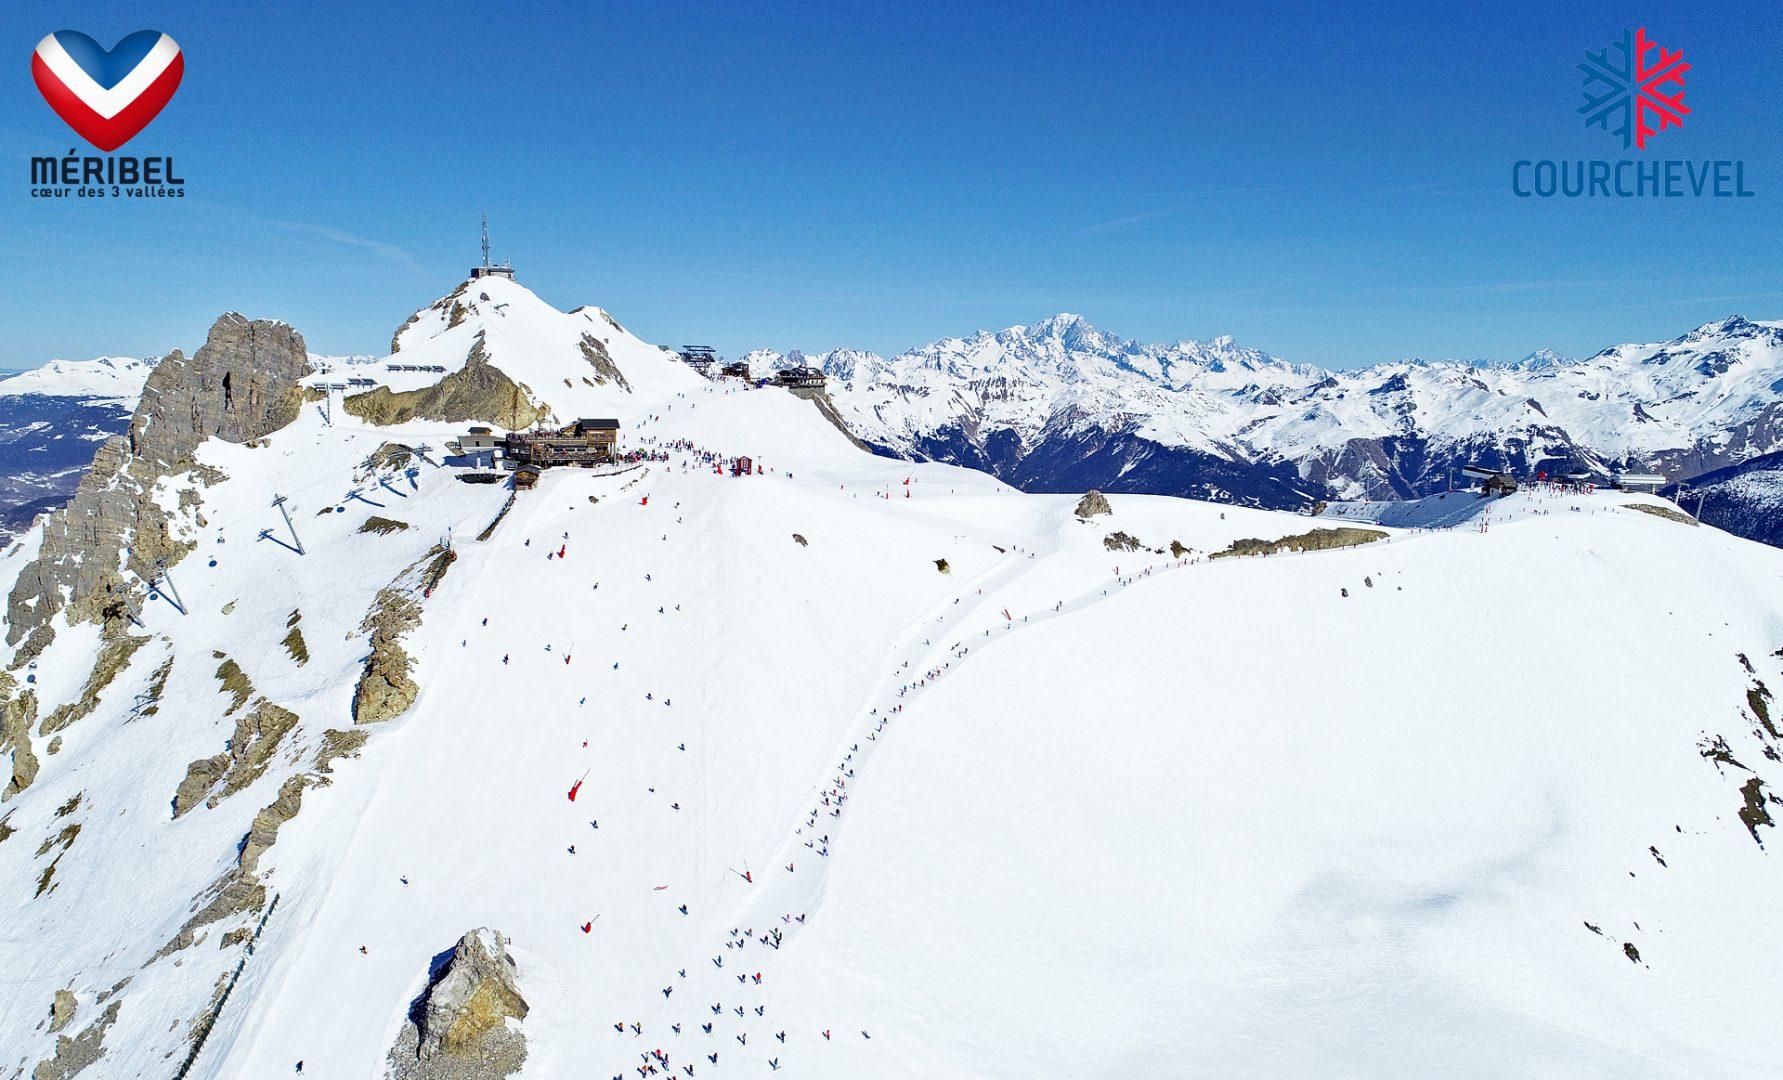 Sommet_de_la_saulire_Meribel_Courchevel_Savoie